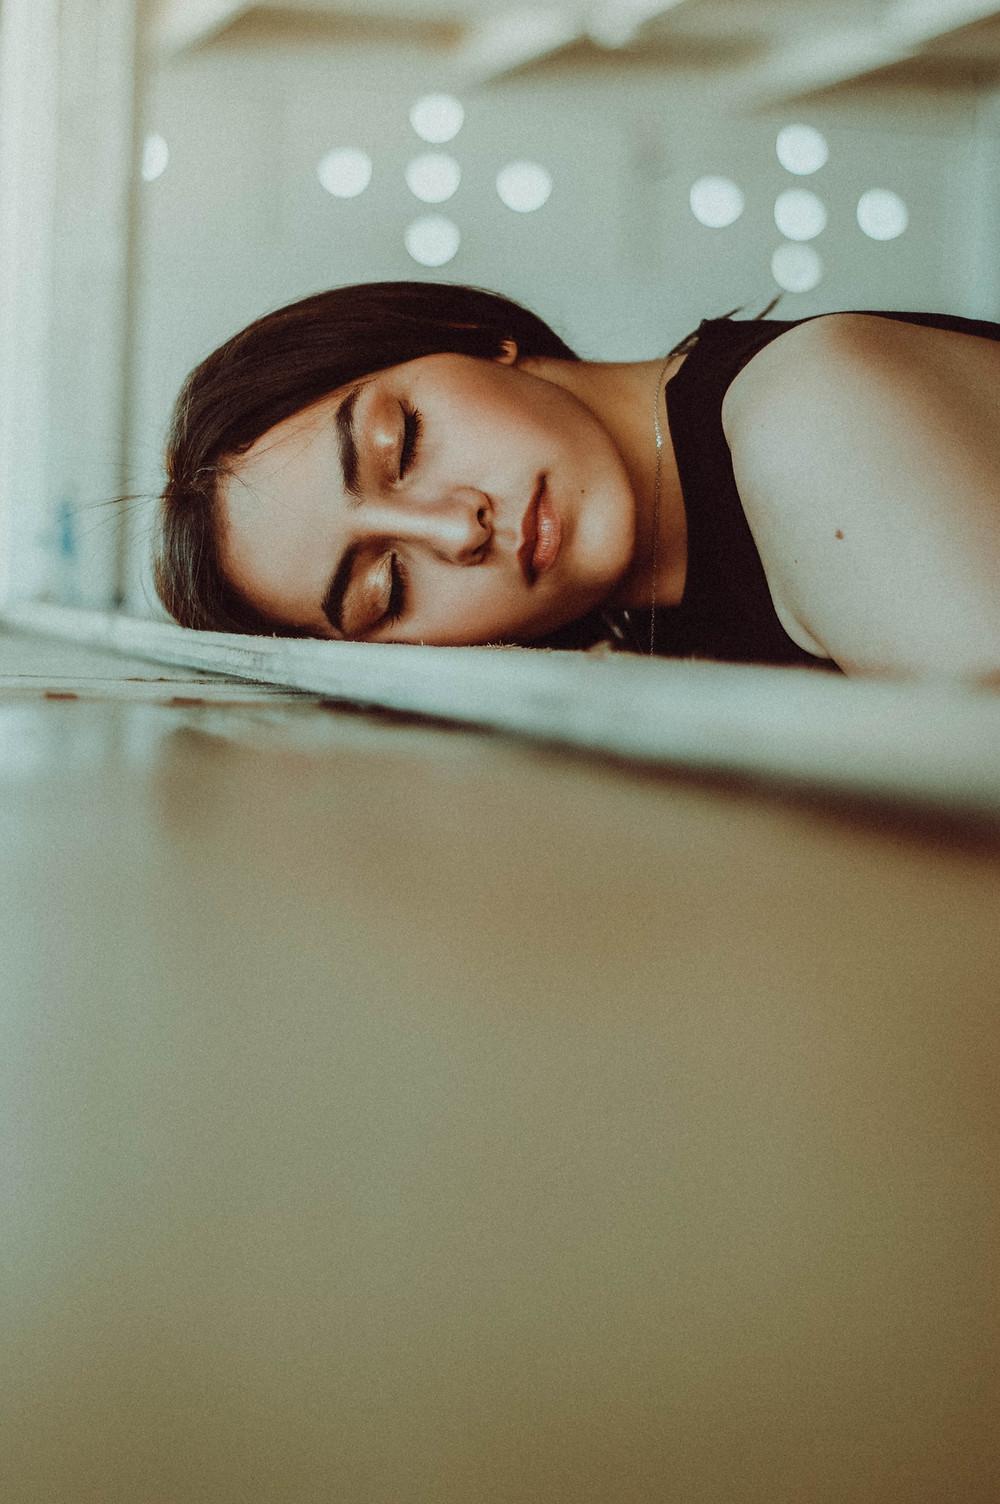 woman falling asleep during test